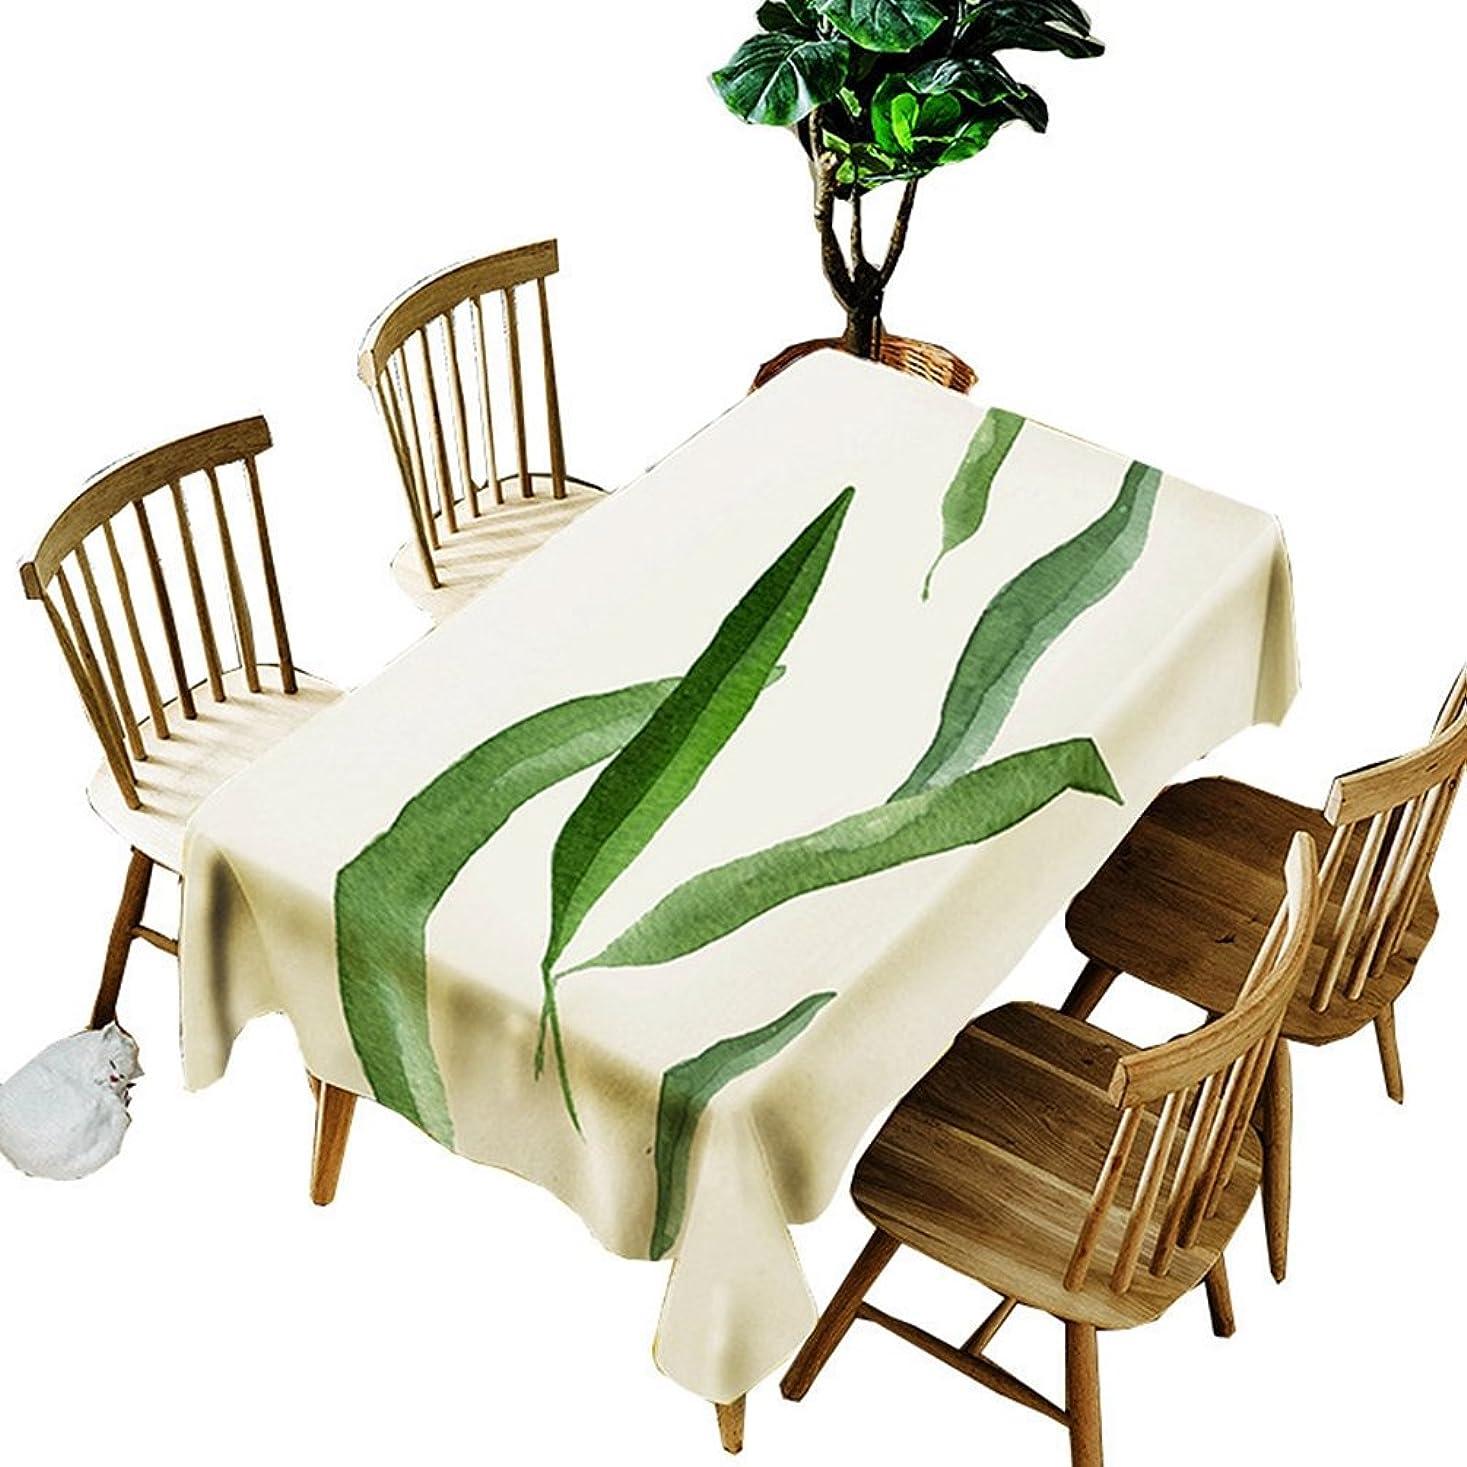 消化ばかげたホイール【AMANGU】 テーブルクロス 食卓用 マルチカバー ソファーカバー テーブル掛け コーヒーテーブル 茶卓 オシャレ 可愛い 葉柄 盖巾 カーテン 撮影用 飾り布 お部屋 お食事会 色落ちにくい 耐熱 来客用